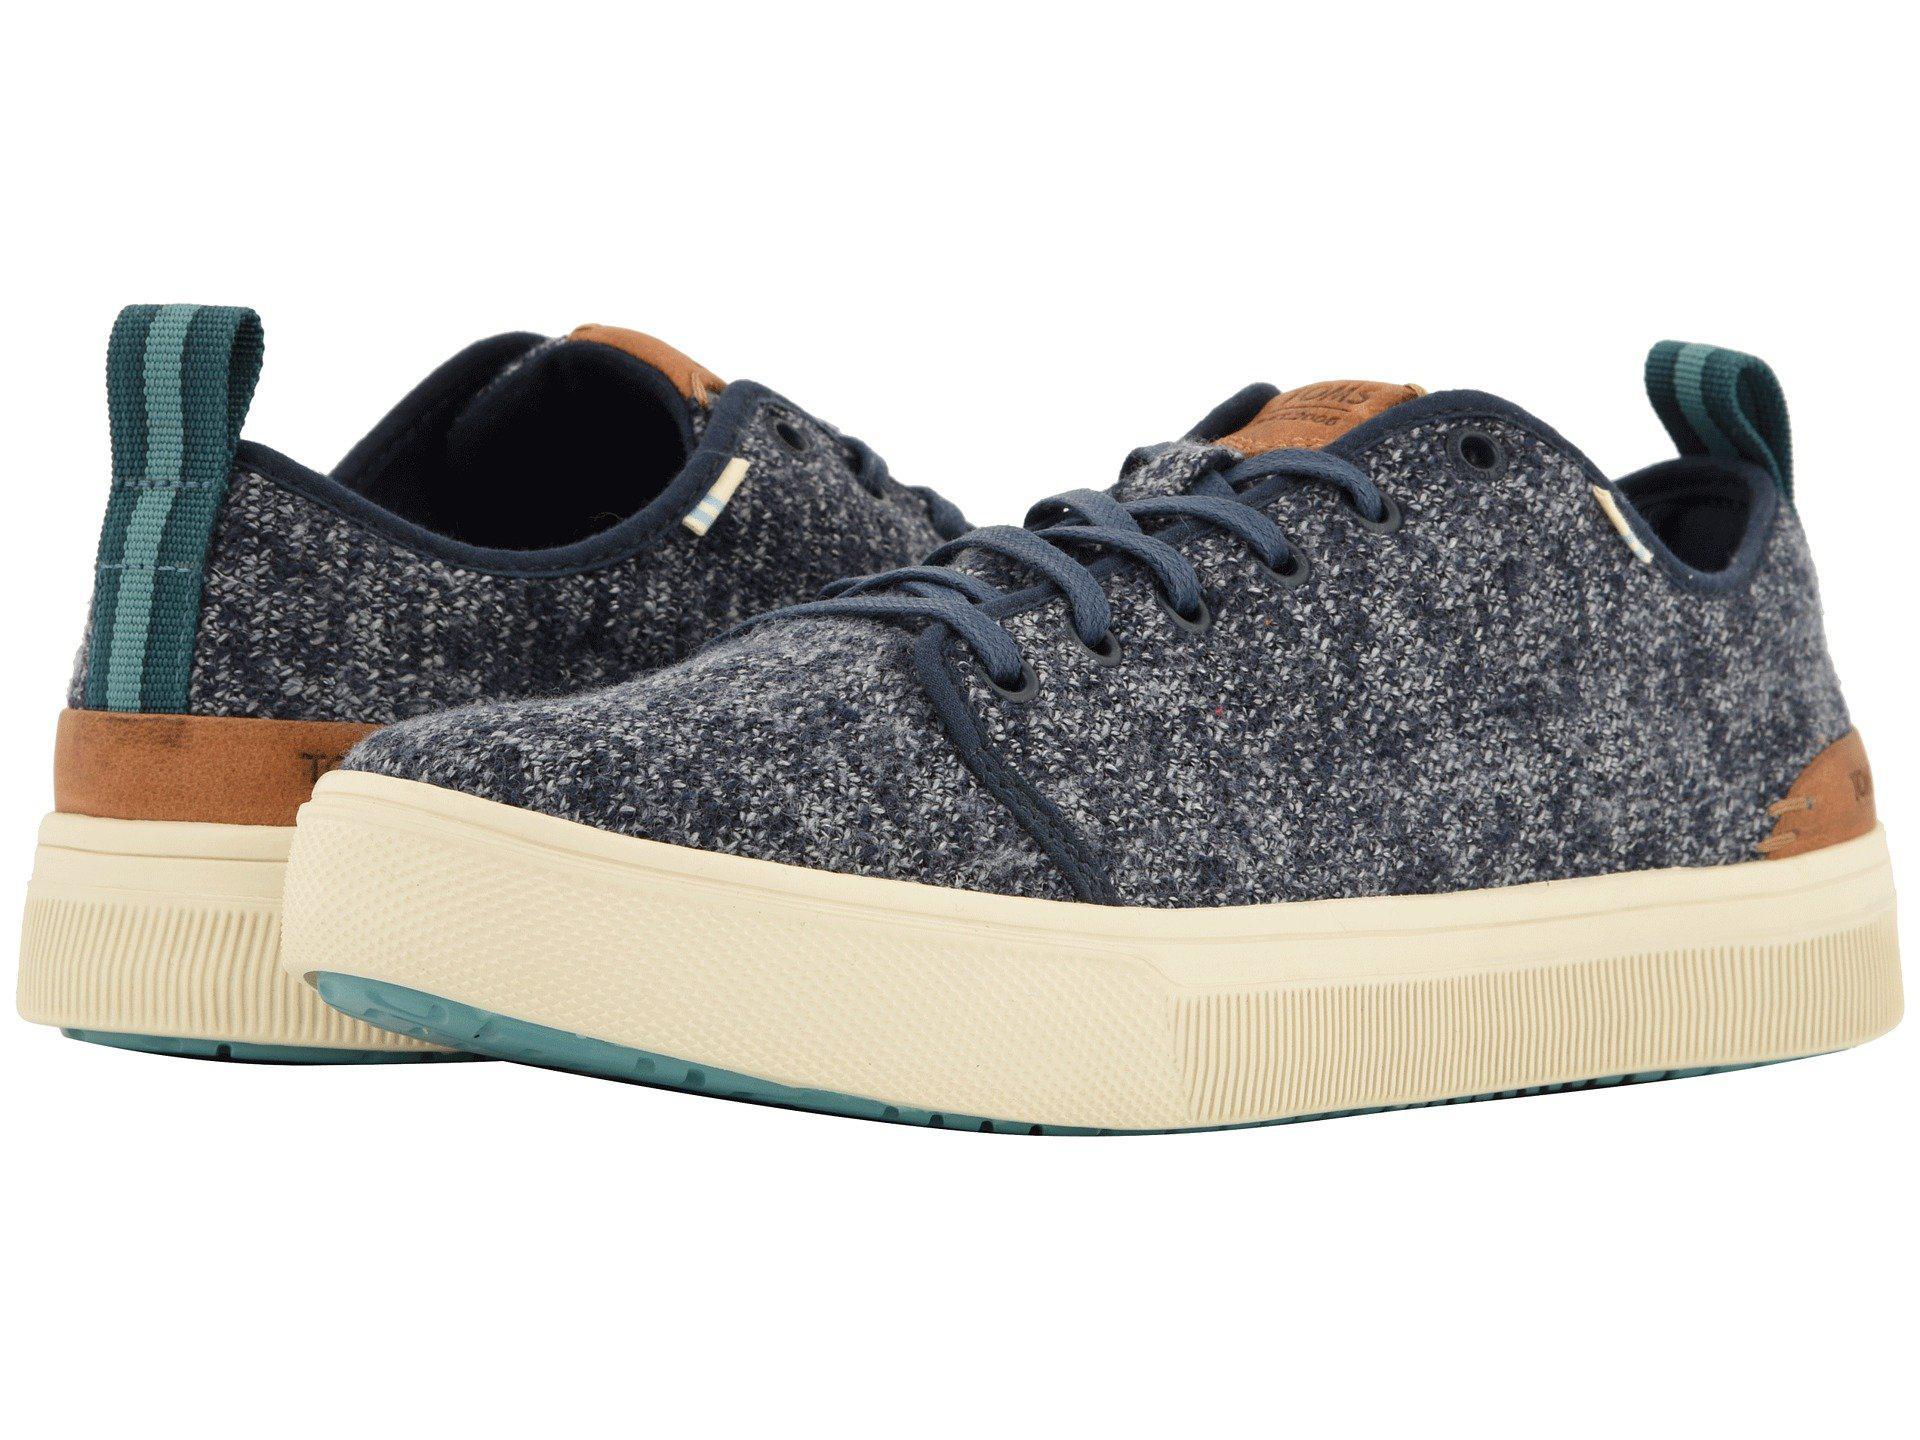 969ec0ac9e6 TOMS. Blue Trvl Lite Low (navy Melange Knit) Men s Lace Up Casual Shoes